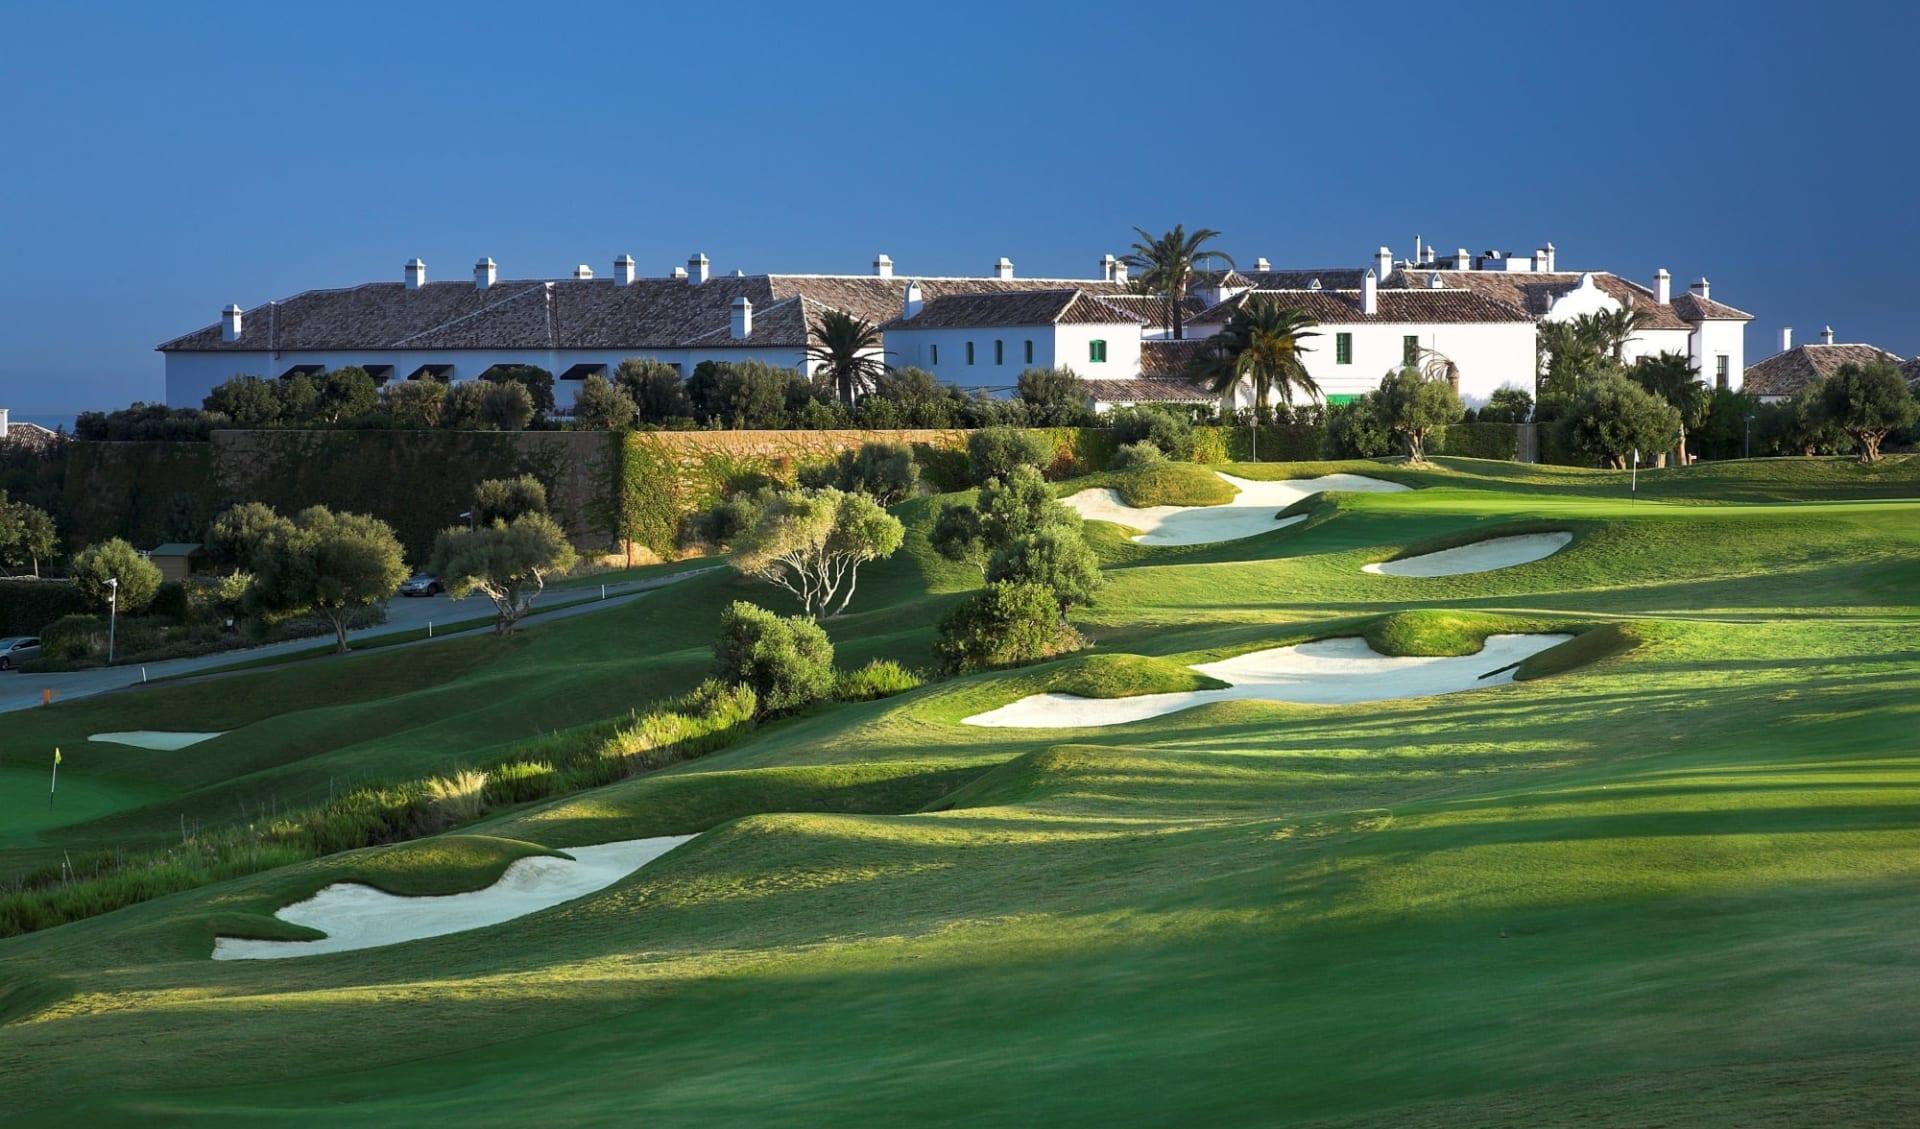 La Finca Cortesin in Marbella: La Finca Cortesin - Club de Golf Finca Cortesin